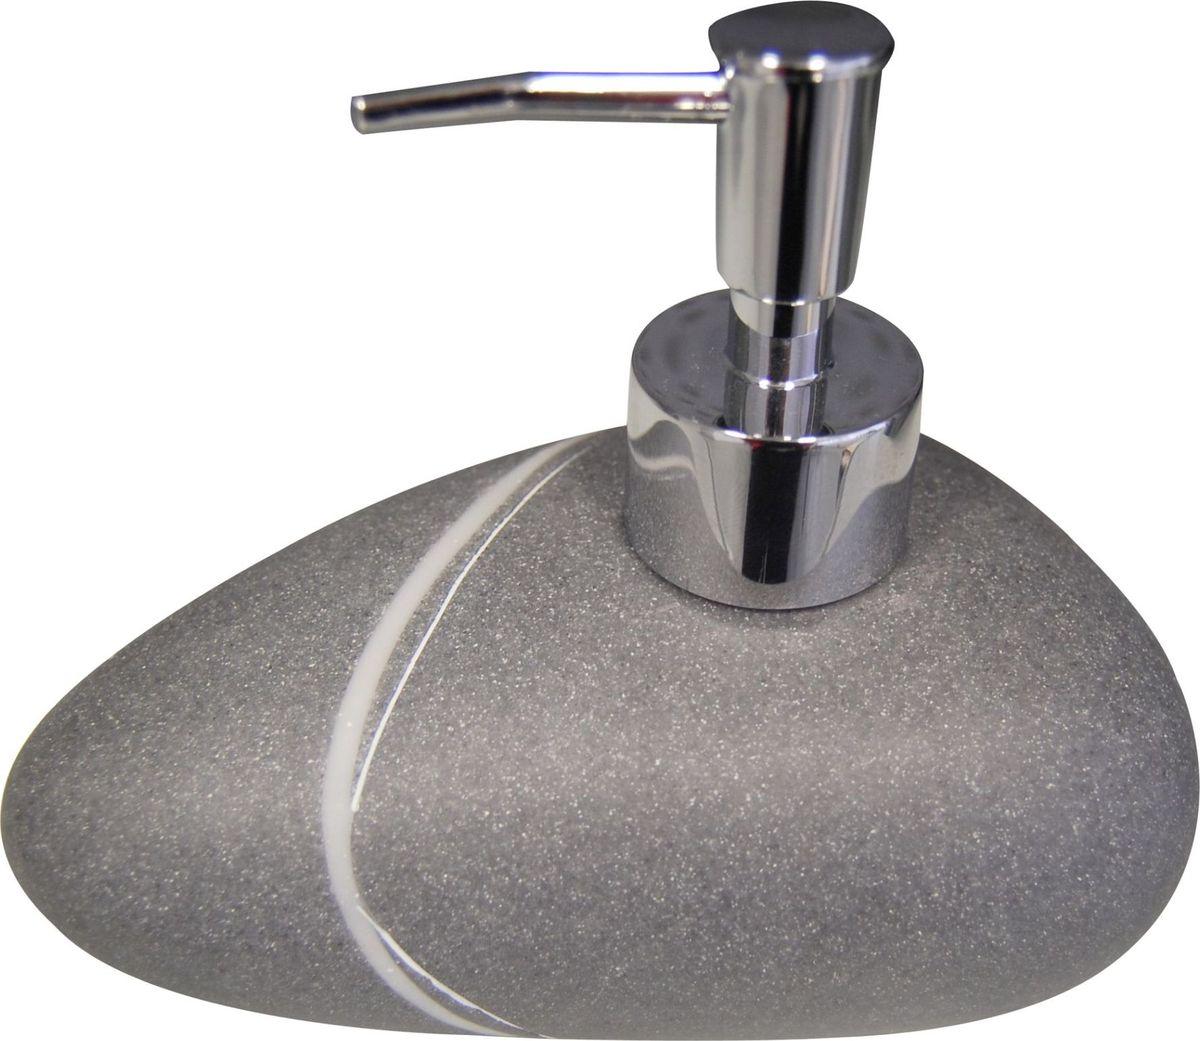 Дозатор для жидкого мыла Ridder Little Rock, цвет: серый22190507Изделия данной серии устойчивы к ультрафиолету, т.к. изготавливаются из полирезины.Экологичная полирезина - это твердый многокомпонентный материал на основе синтетической смолы,с добавлением каменной крошки и красящих пигментов. Объем: 200 мл.